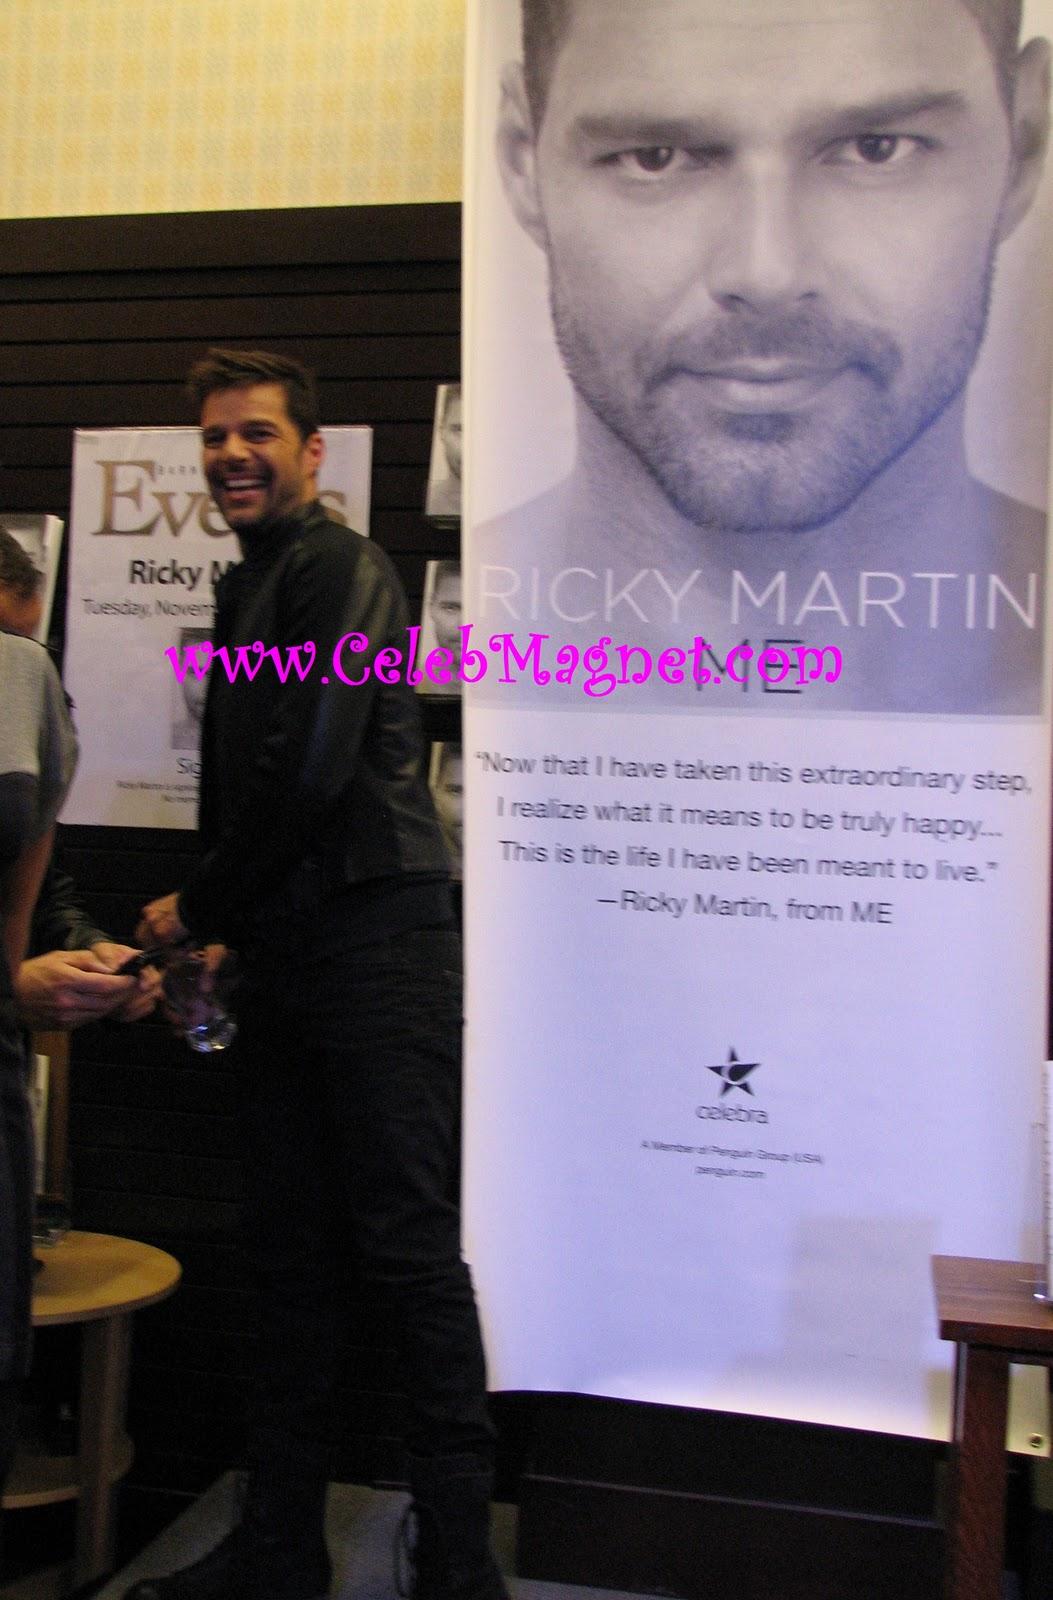 http://2.bp.blogspot.com/_LQQ5FS2UDbY/TNpFKam38RI/AAAAAAAACxs/u_lHaJdaGf4/s1600/Ricky+Martin+Book+Signing+Grove+4.jpg